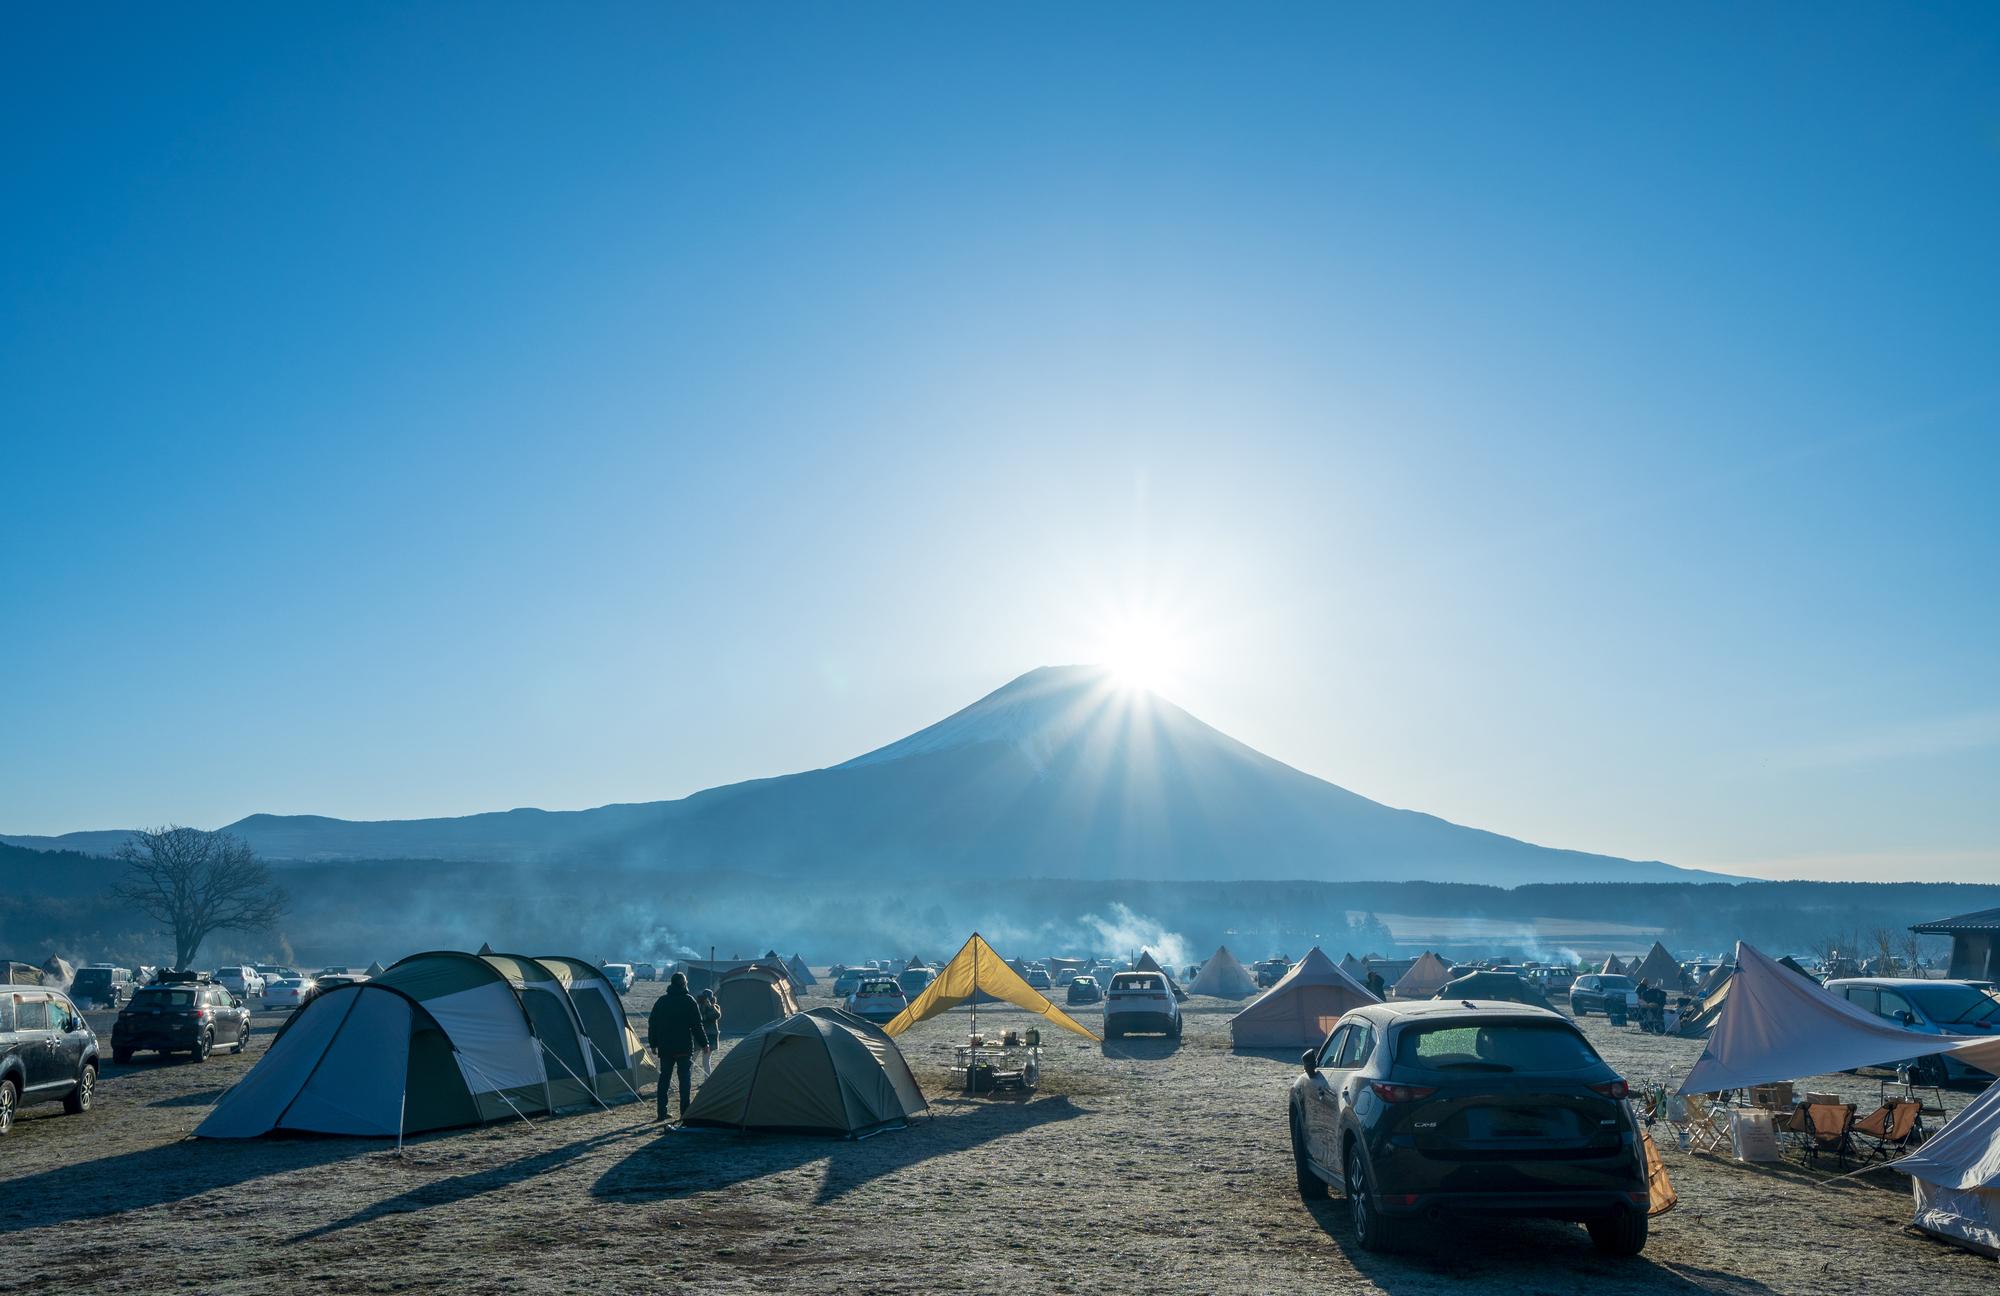 【アンケート】あなたのキャンプについて教えてください!